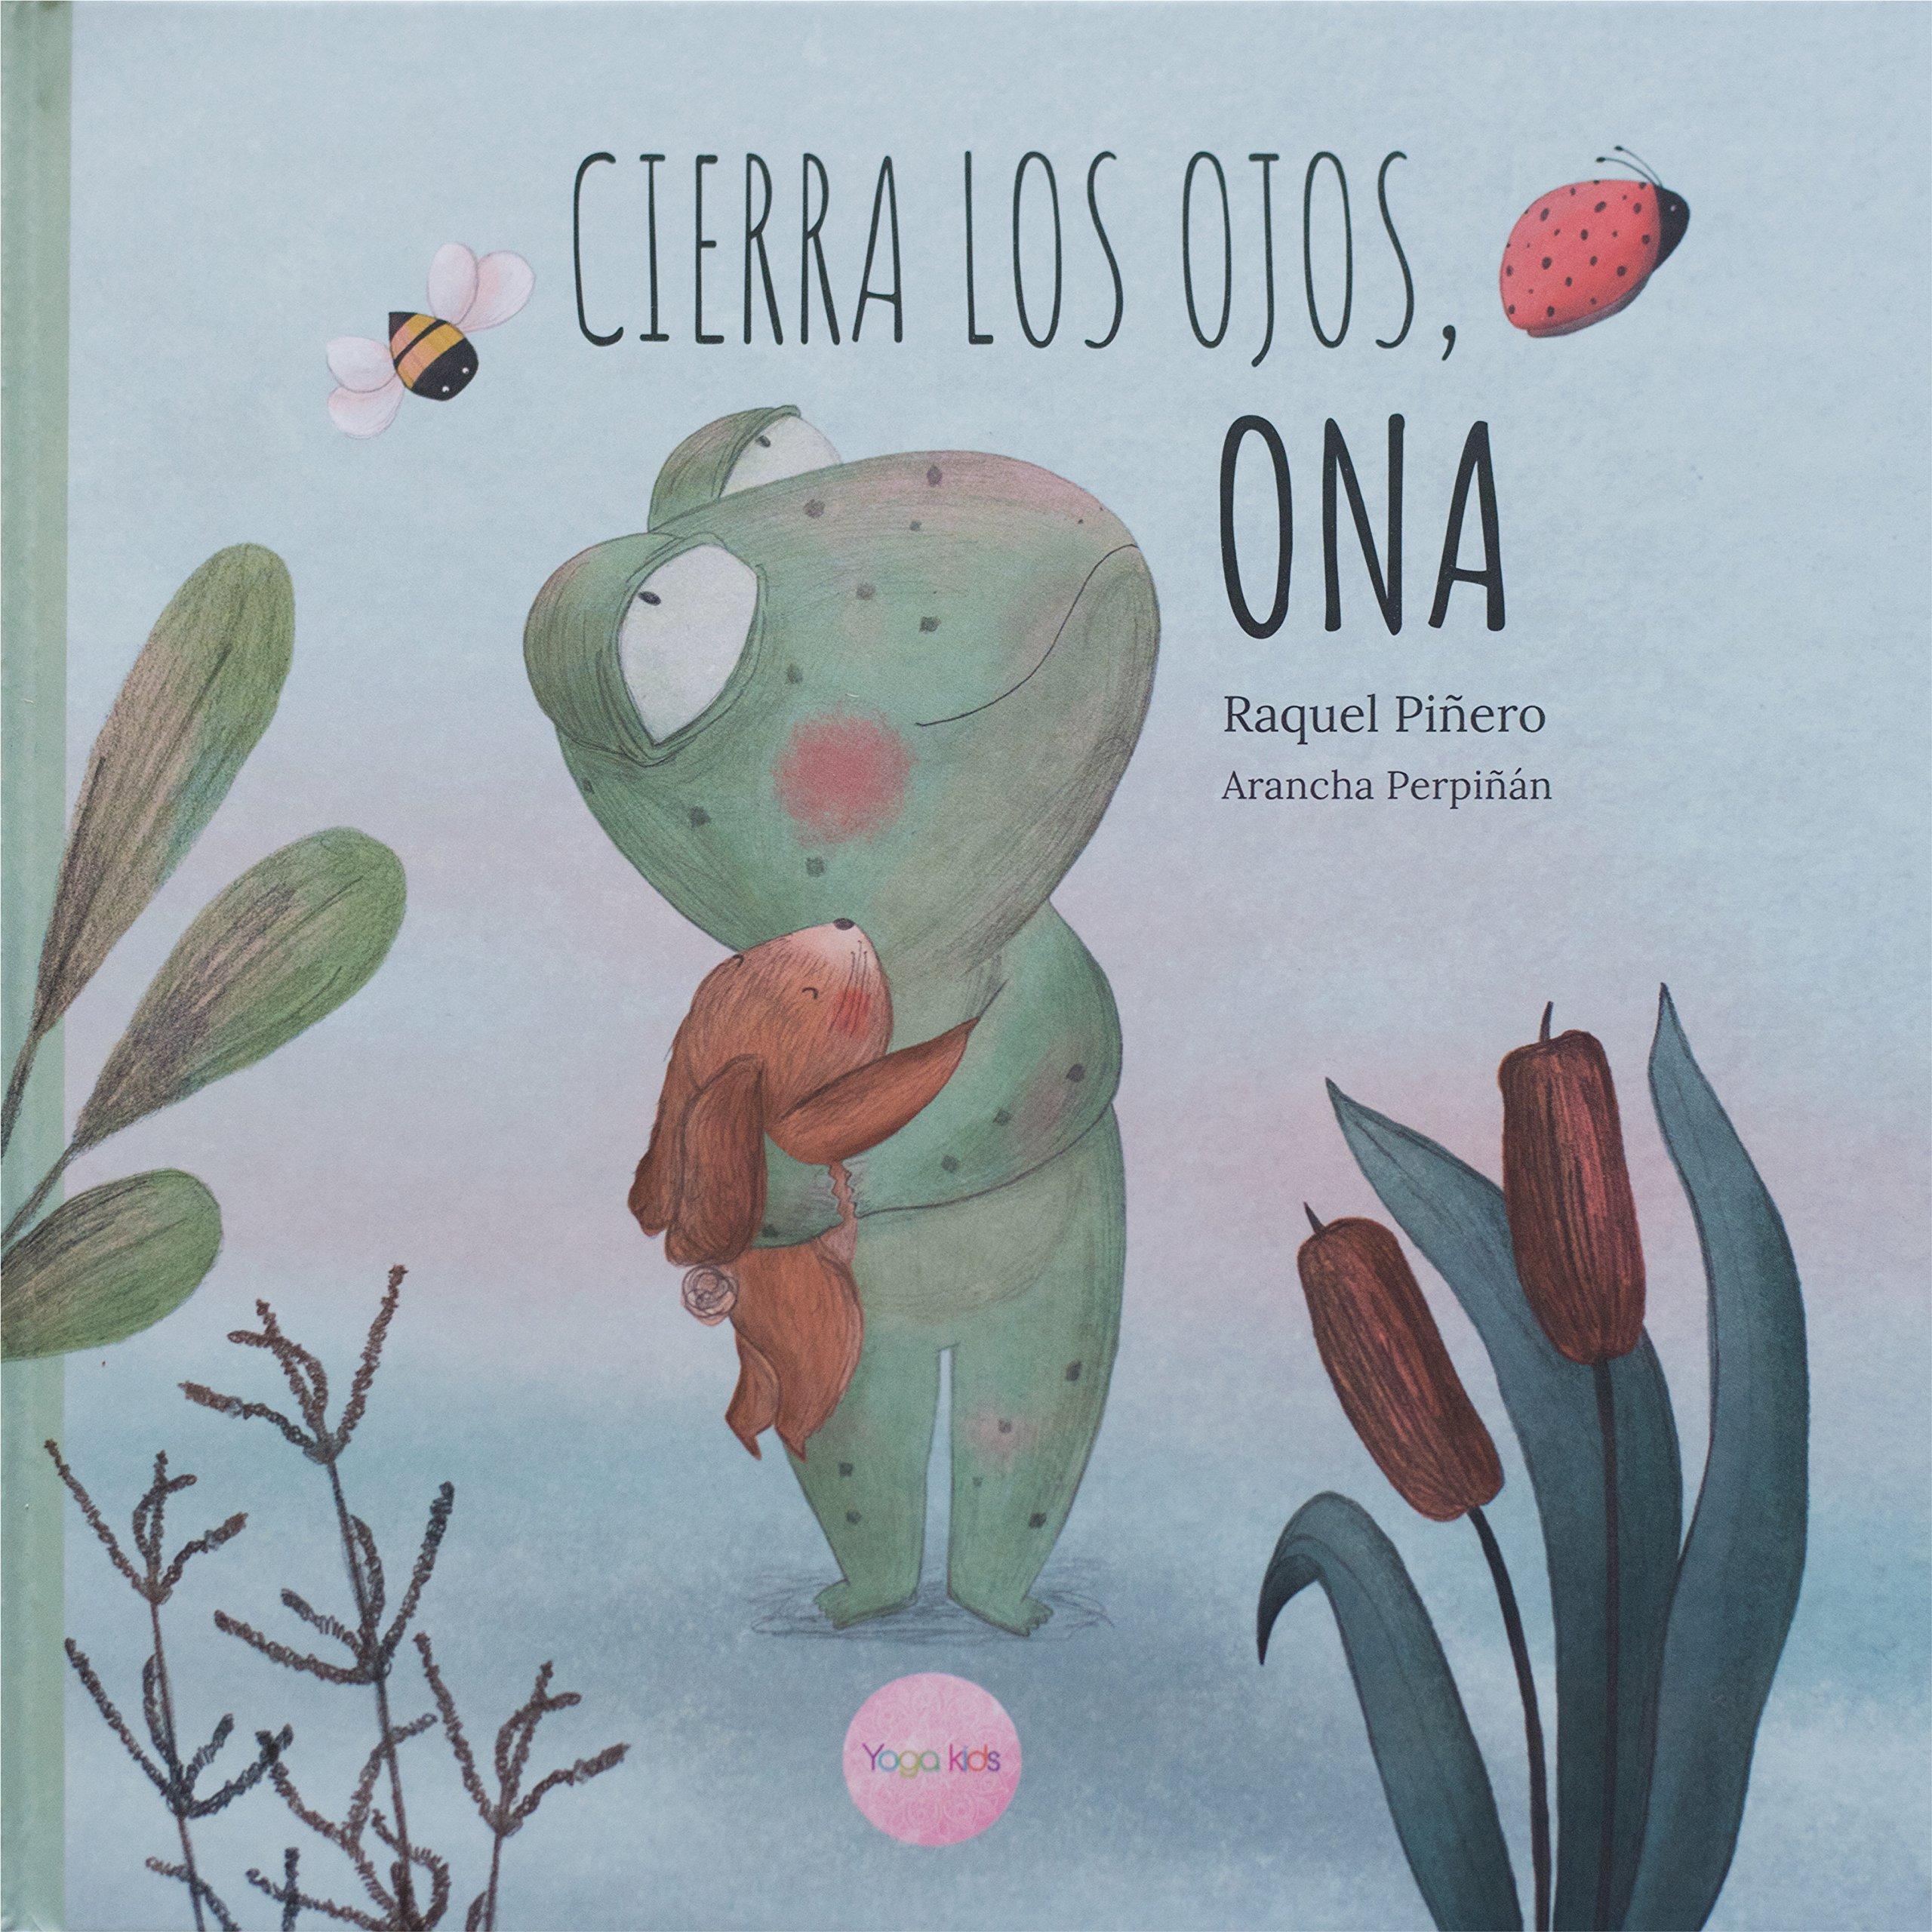 Recomendaciones cuentos infantiles Sant Jordi - Raquel Piñero - Cierra los ojos, Ona